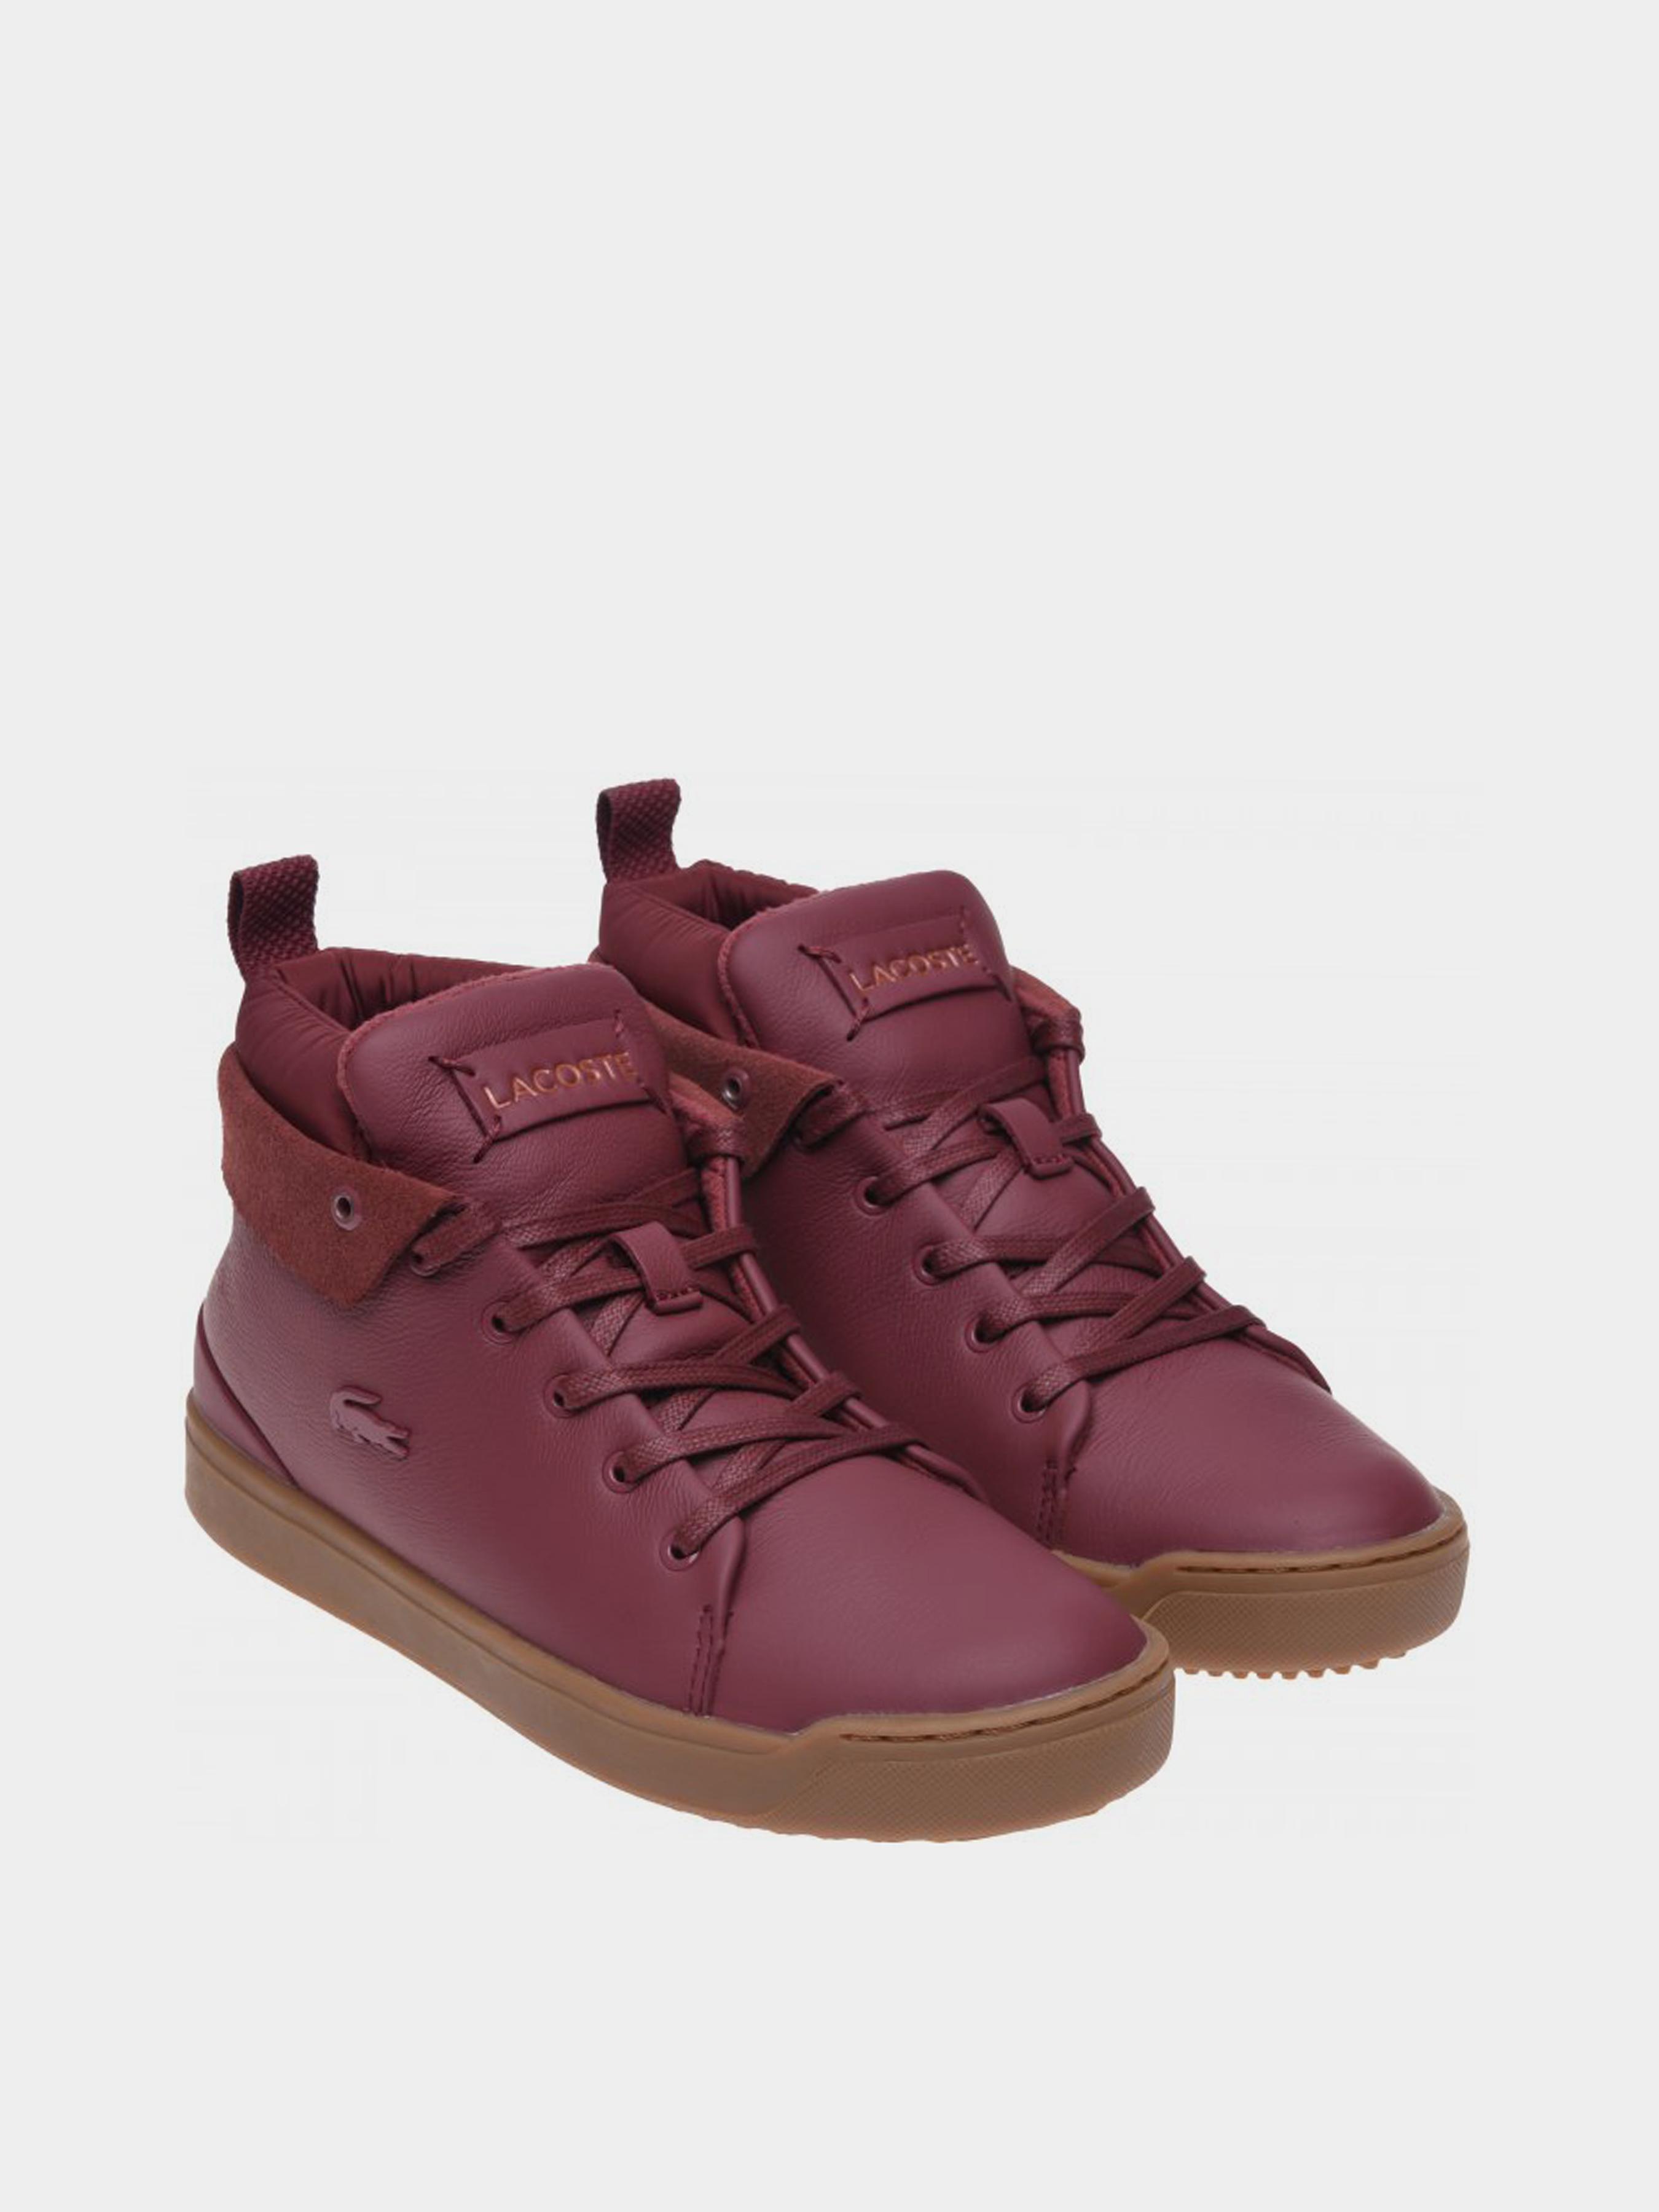 Ботинки для женщин Lacoste LL208 размерная сетка обуви, 2017